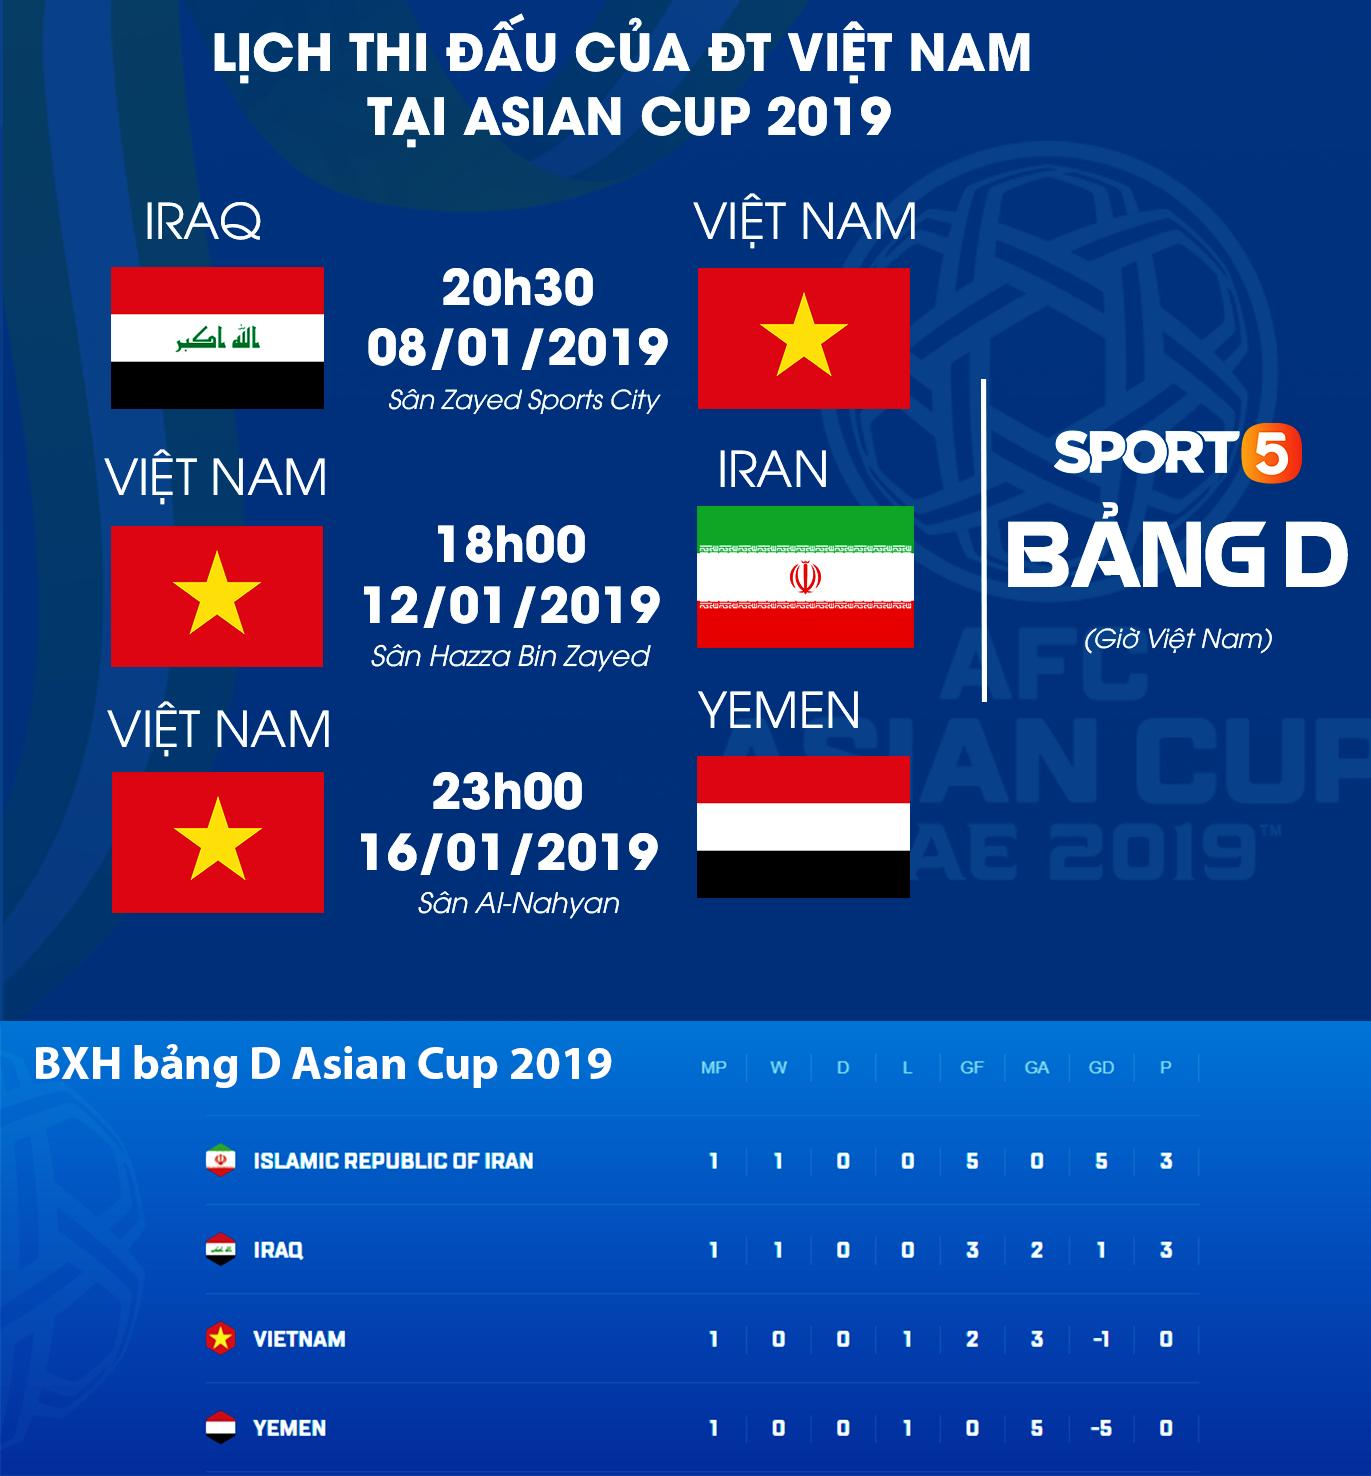 Chỉ cần hòa Iran, Việt Nam sẽ vươn lên top 2 đội xếp thứ 3 có thành tích tốt nhất Asian Cup 2019-3